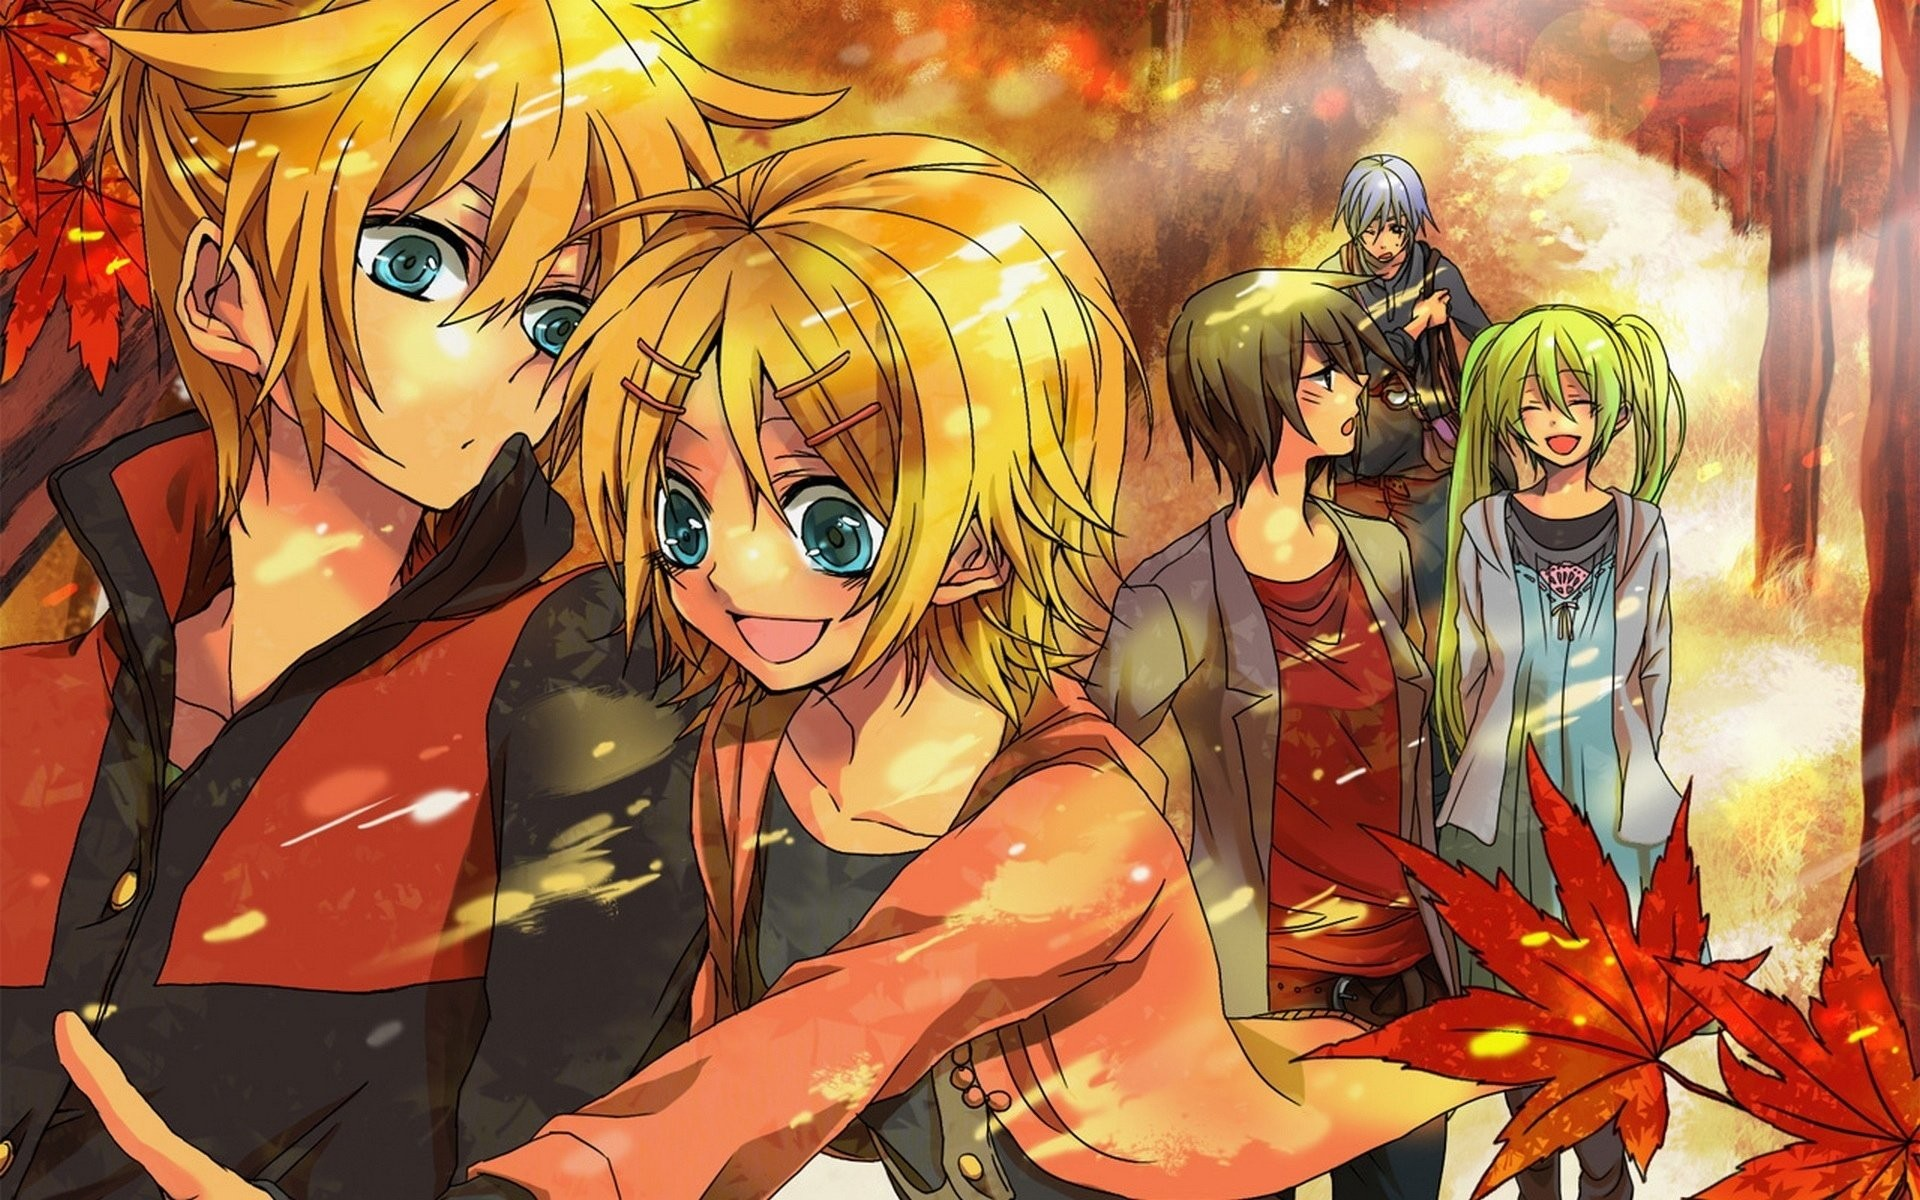 Anime Boy And Girl 715226 …